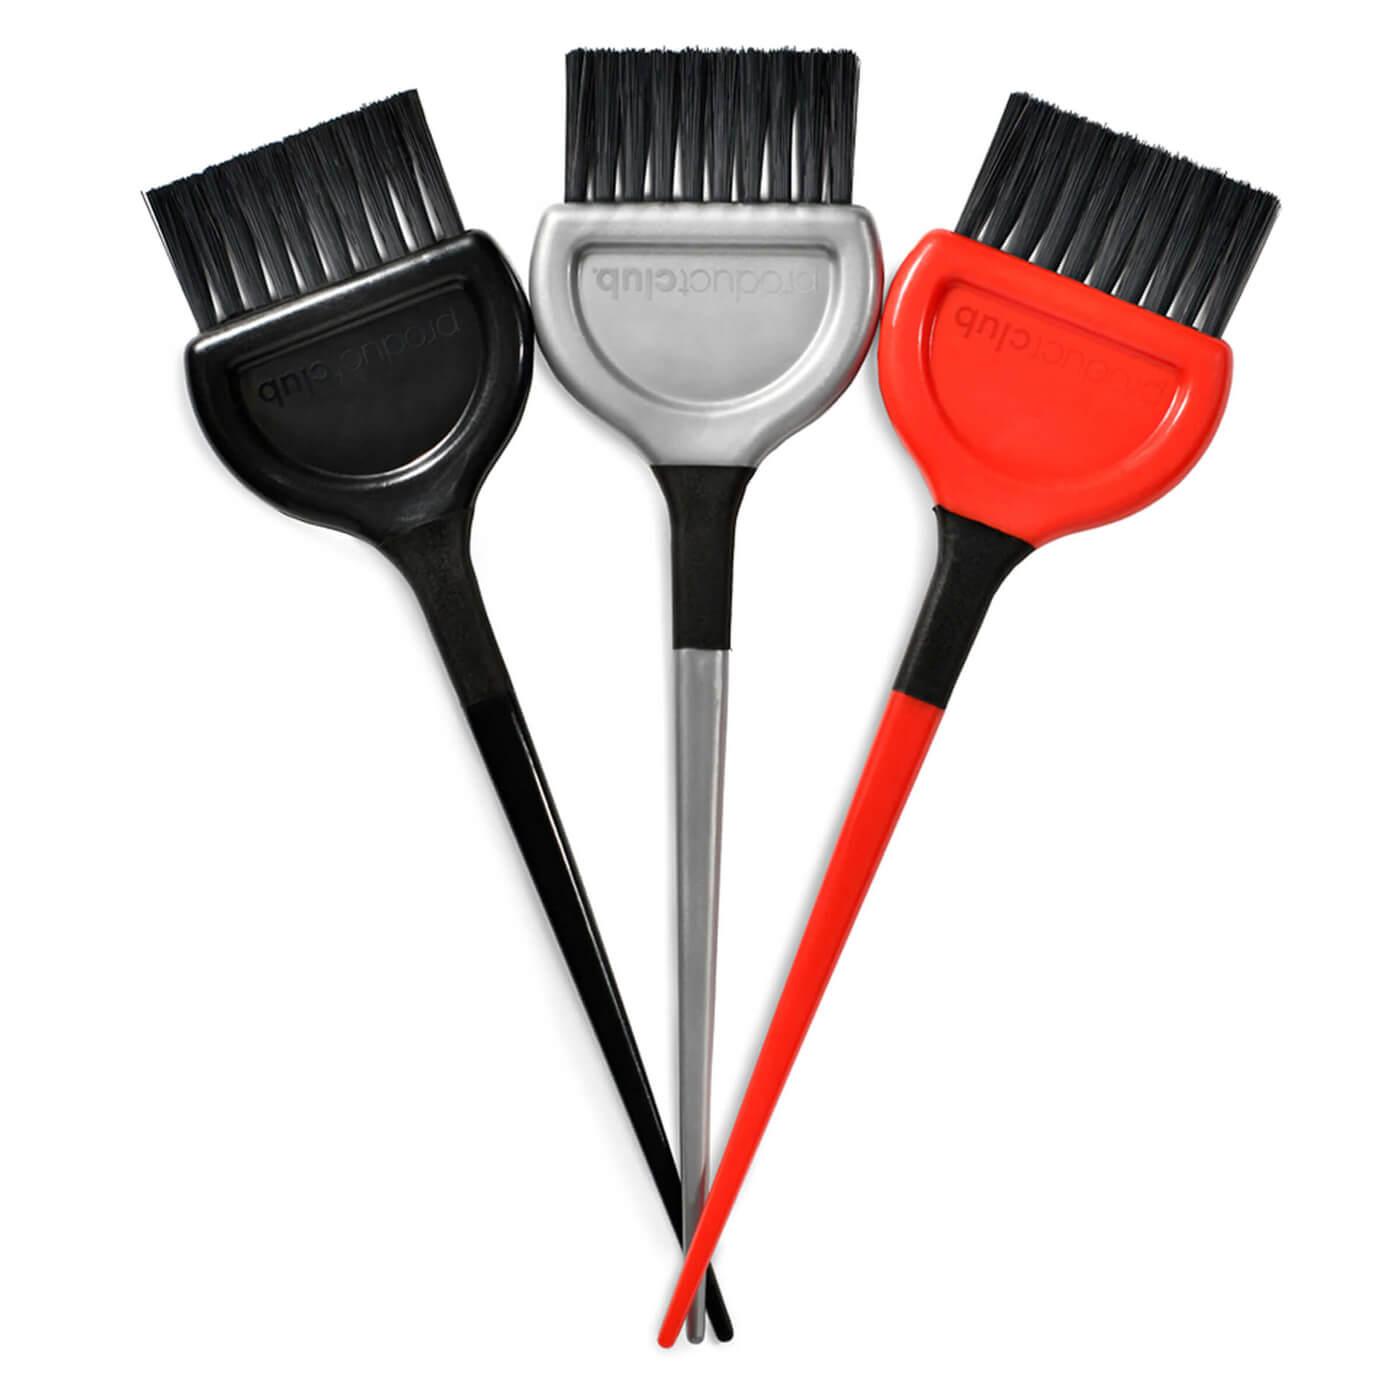 Ergo Hair Colorist Brushes